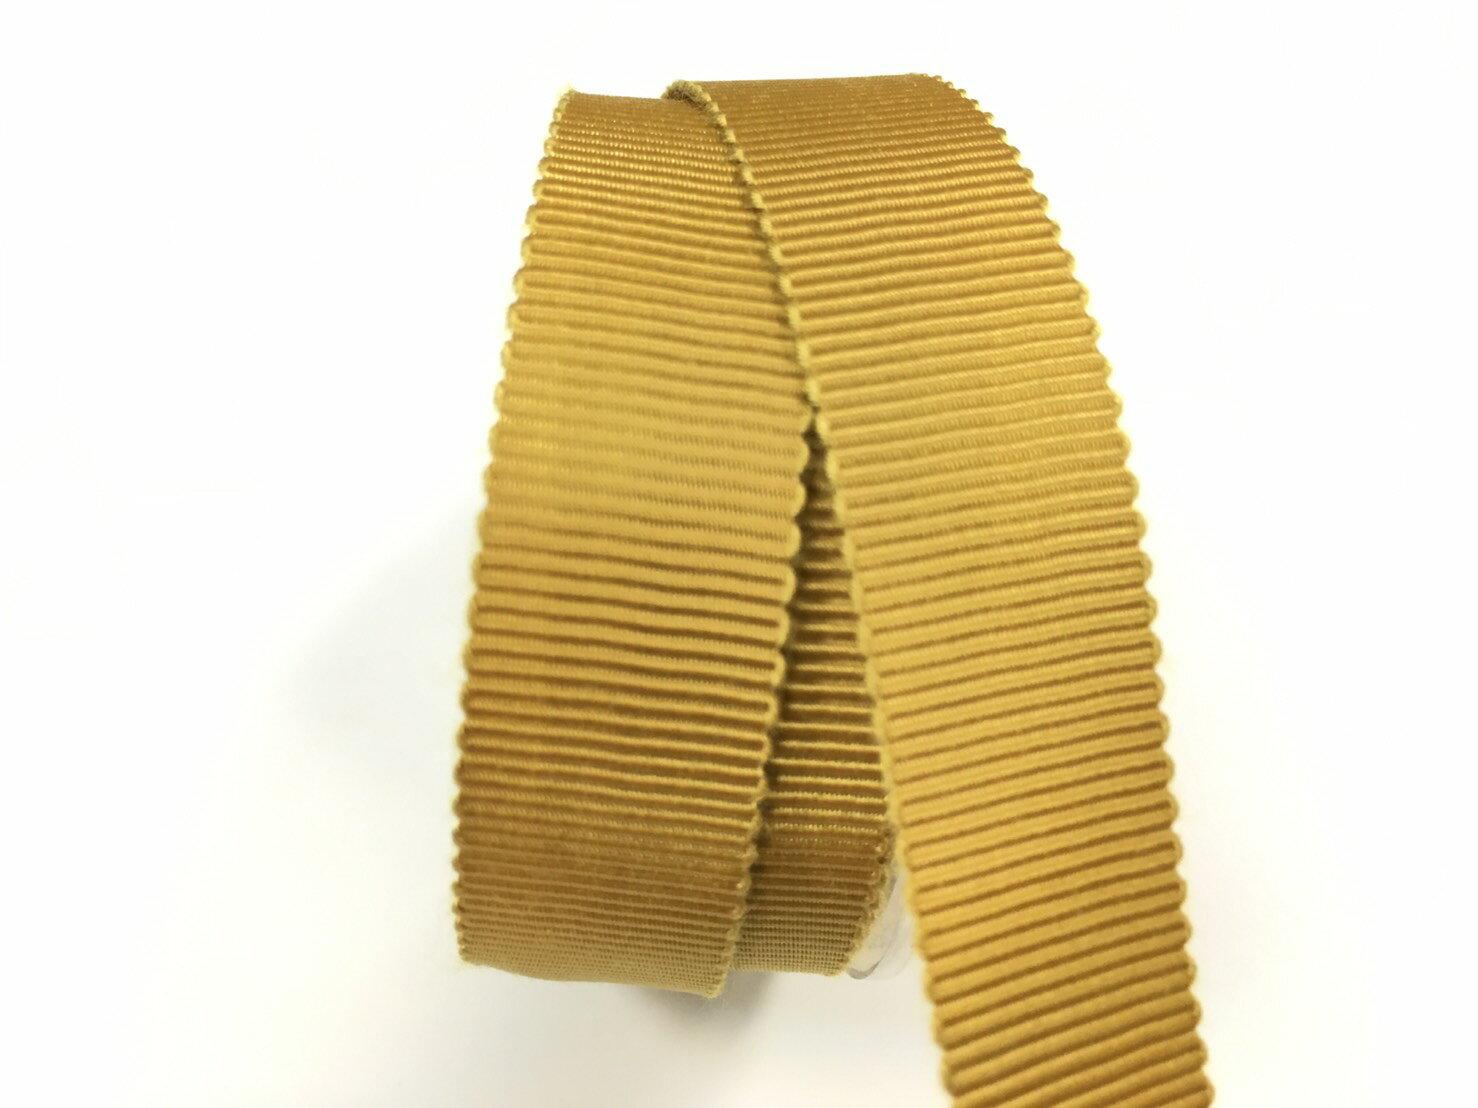 迴紋帶 羅紋緞帶 15mm 3碼 (22色) 日本製造台灣包裝 5